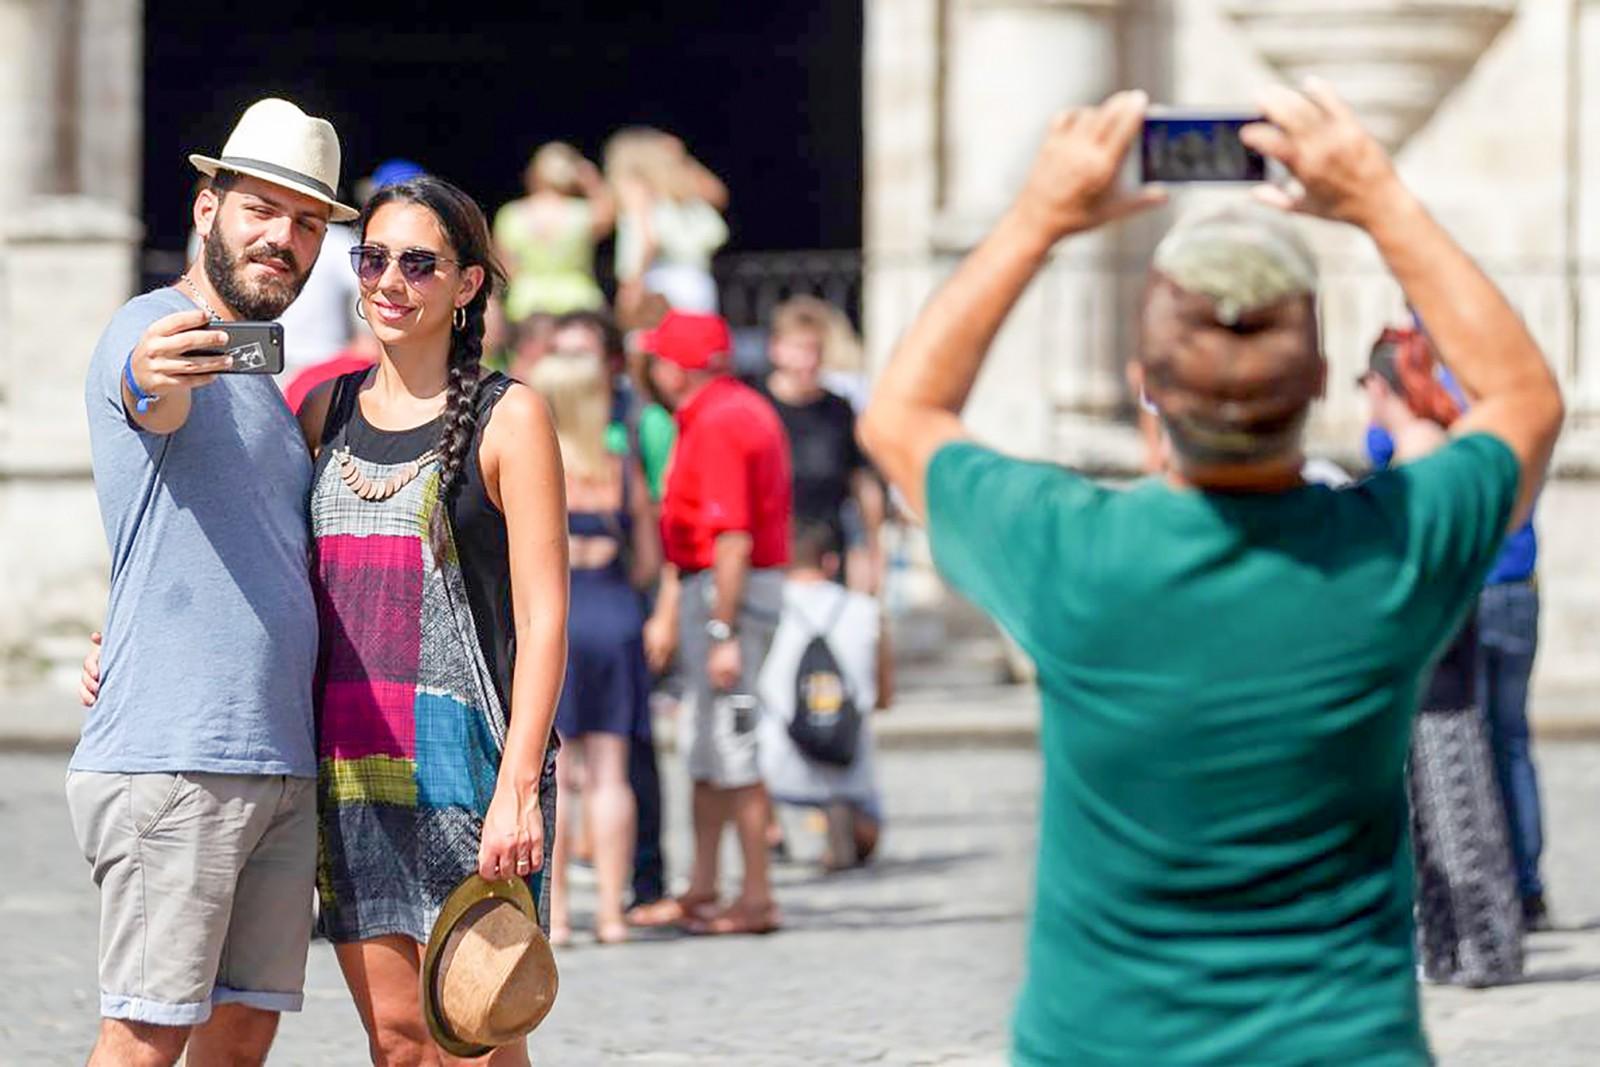 Năm 2018, Cuba đón 4,75 triệu lượt khách quốc tế.